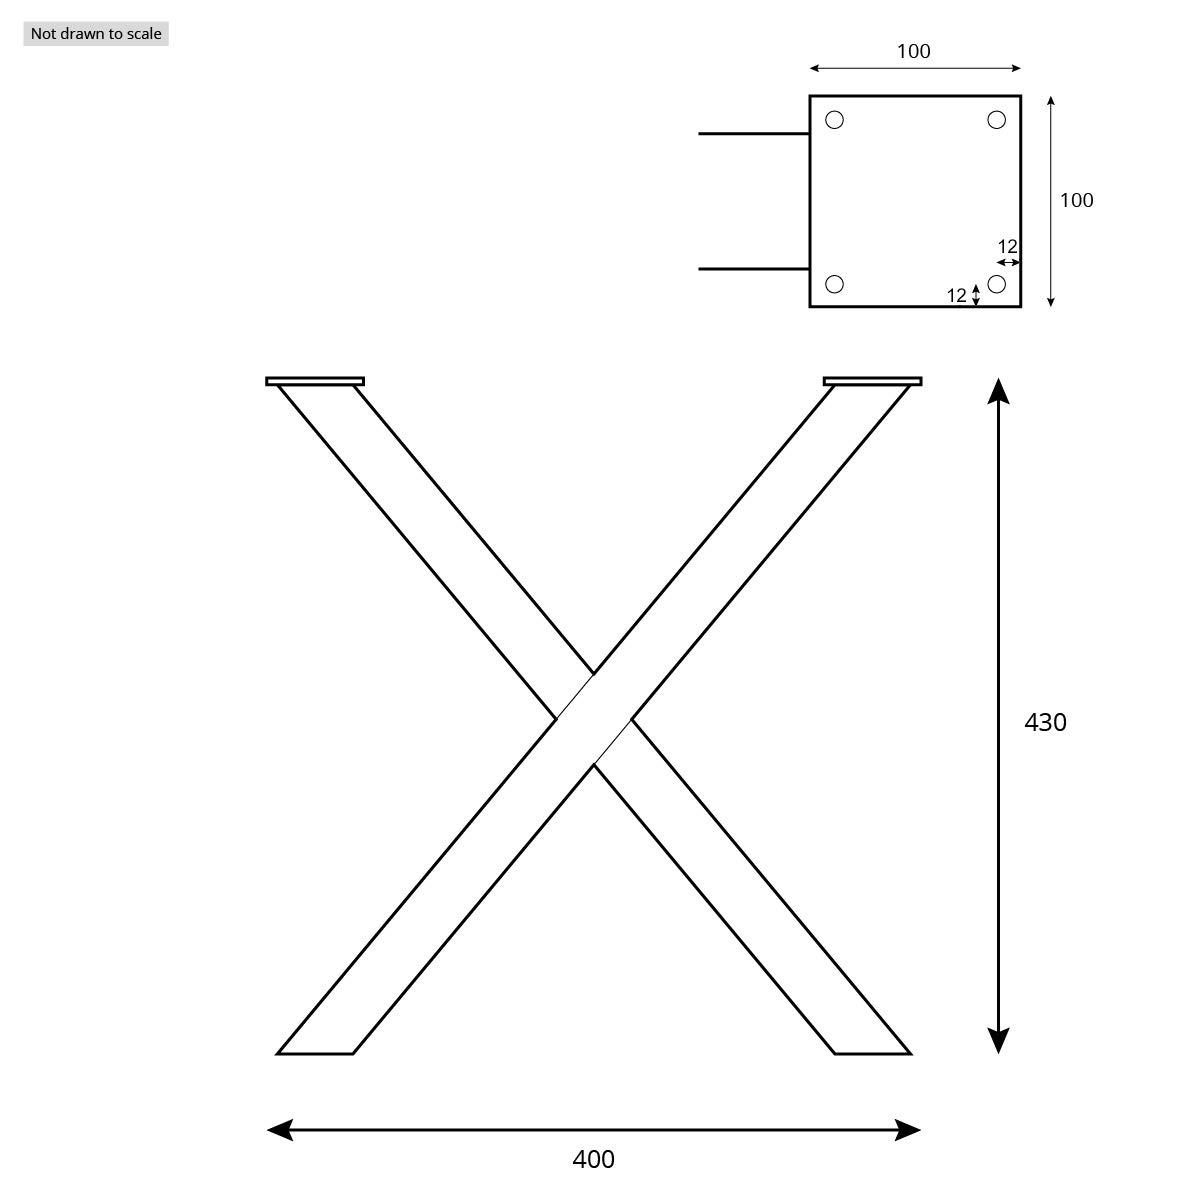 HLT-03-G-CC-0000 Acero pulido y lacado Tama/ño 60x72 cm HOLZBRINK 1x Pata de Mesa en Forma de X Perfiles de Acero 60x60 mm